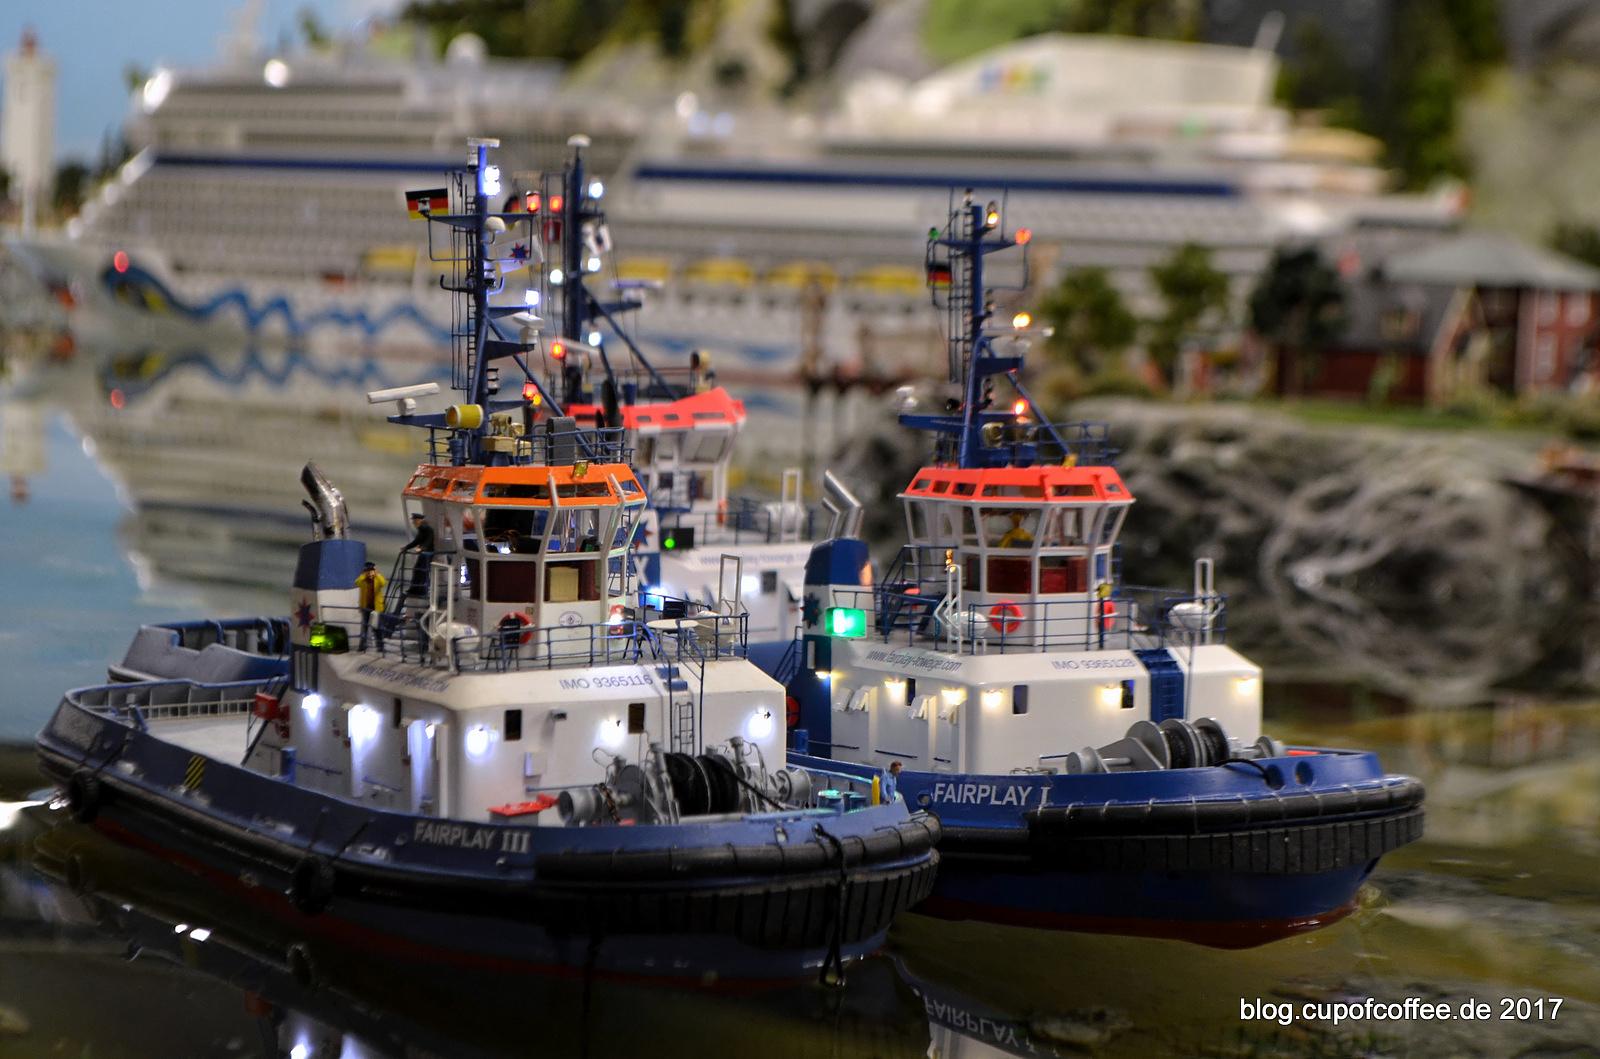 Hafengeburtstag 2017 Cap San Diego FAIRPLAY I, III, X